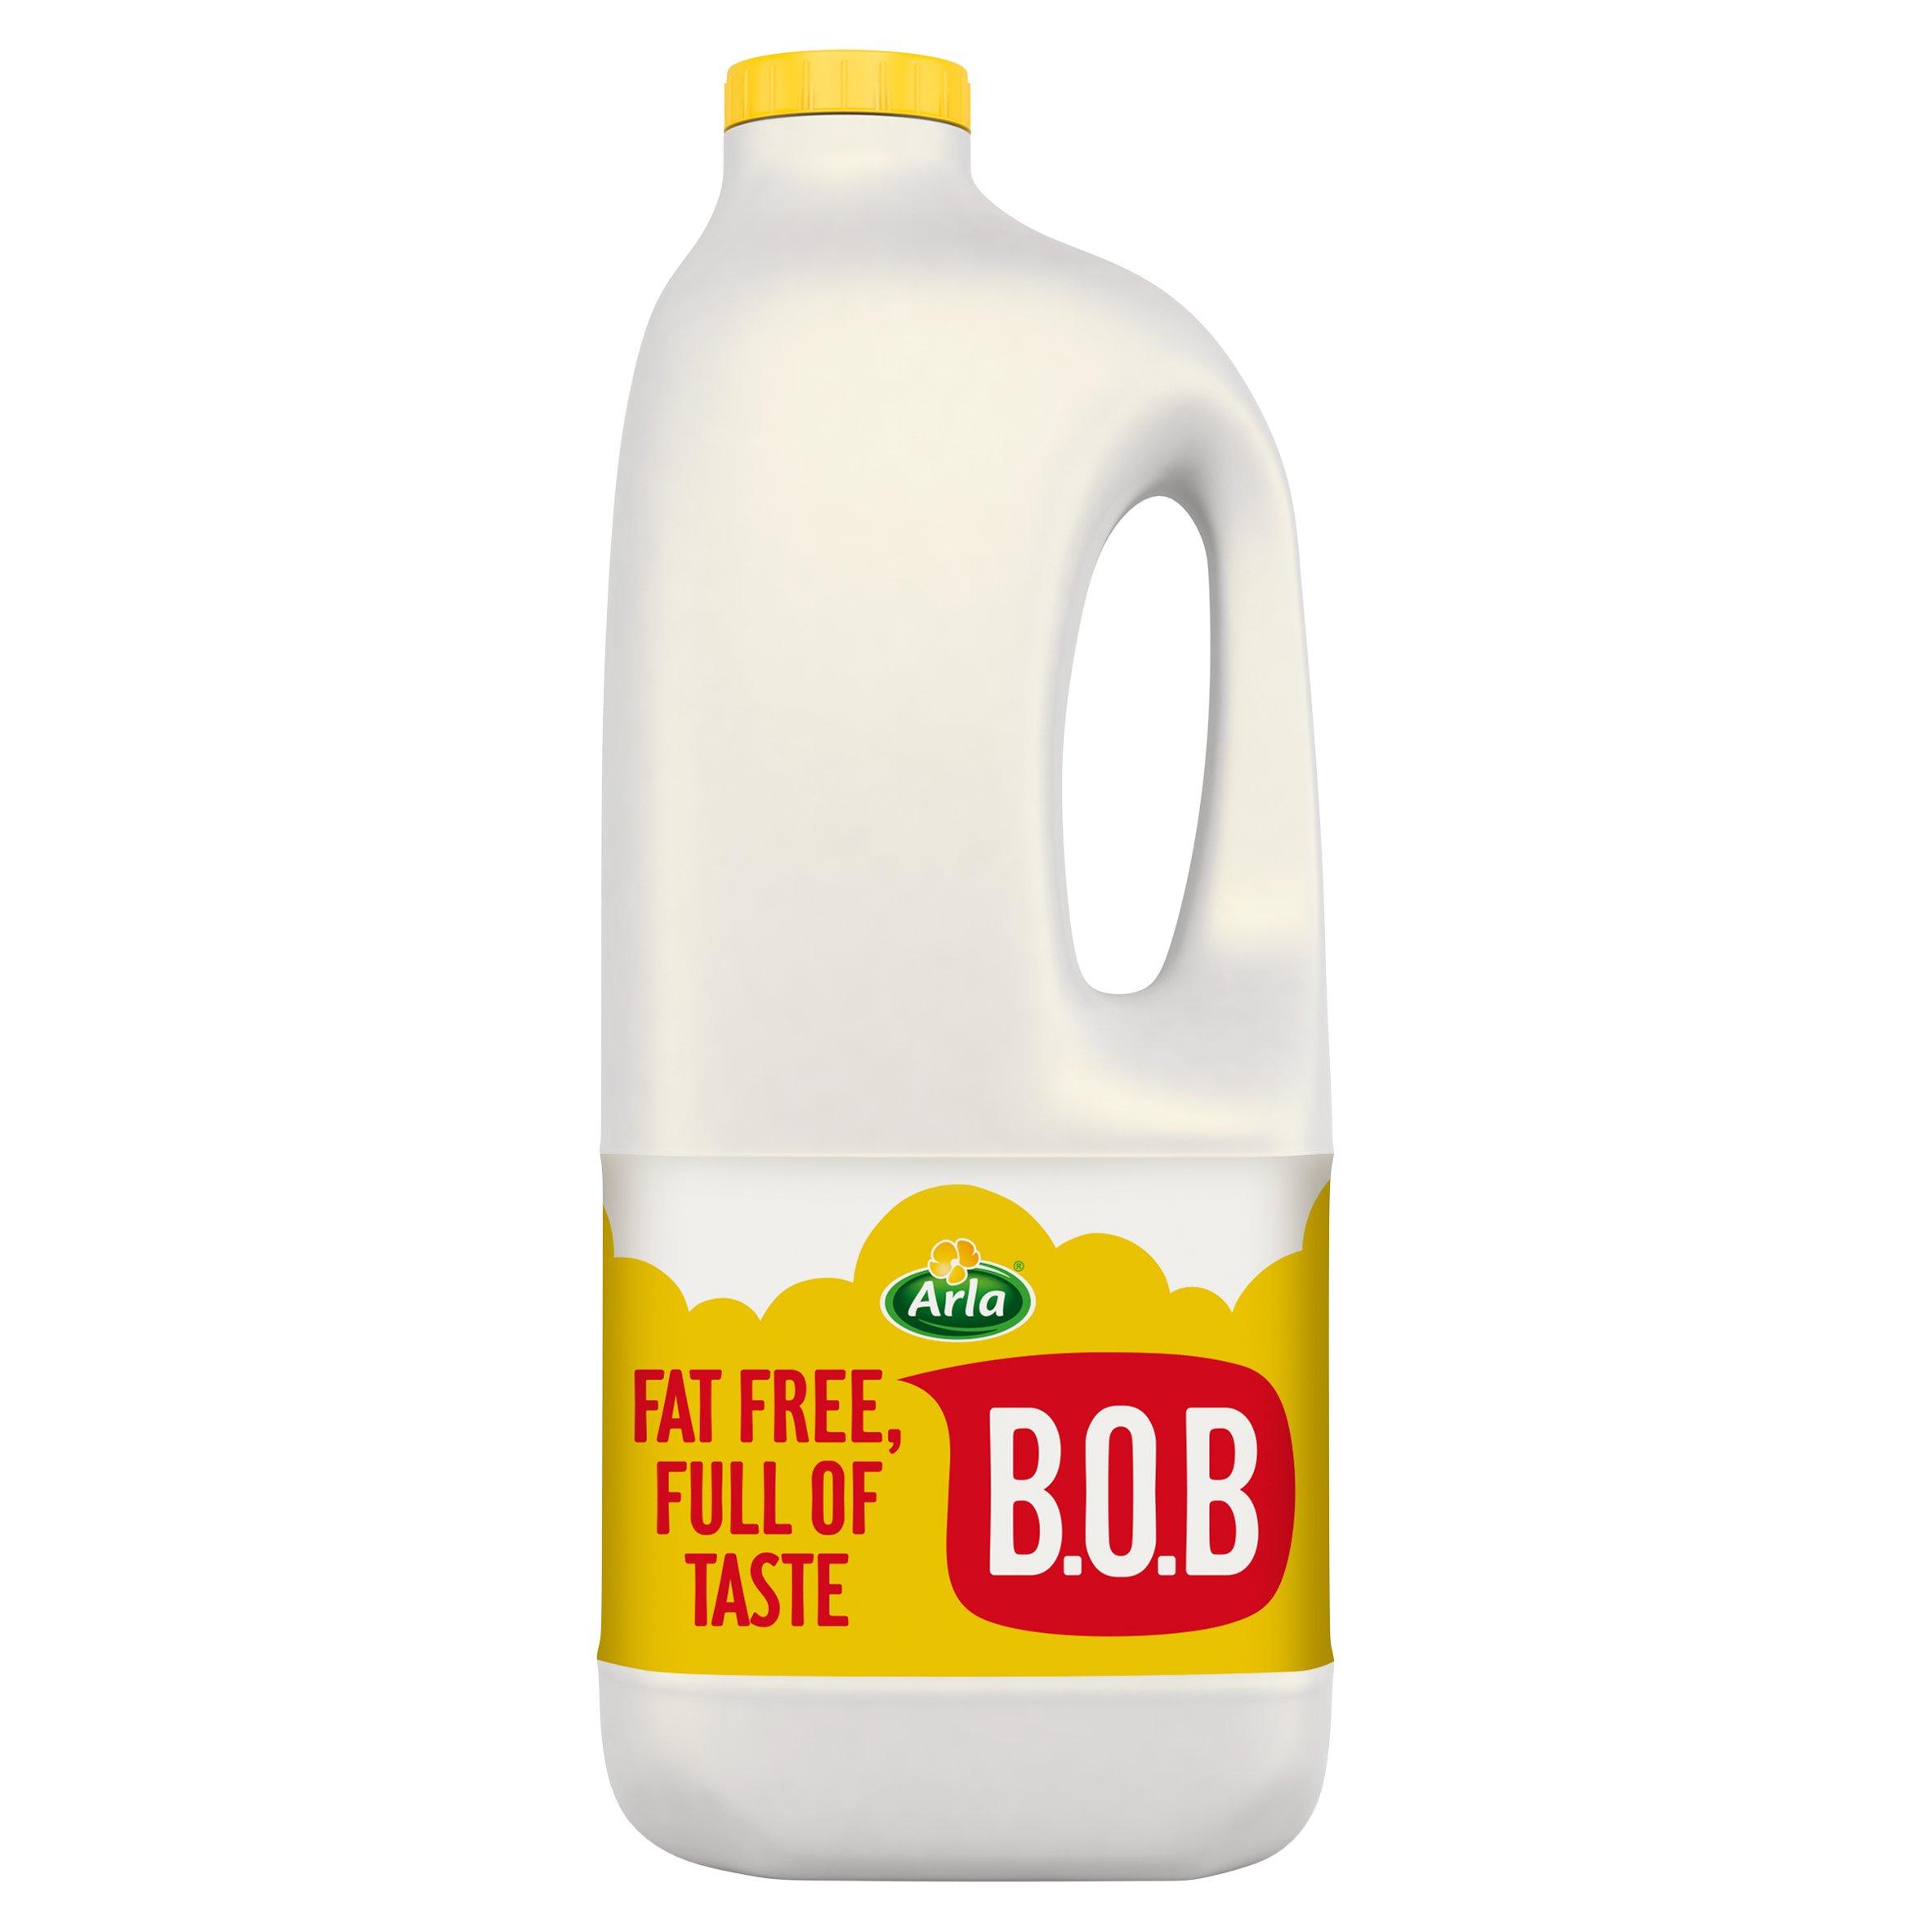 Arla Bob Skimmed Milk 2 Litre